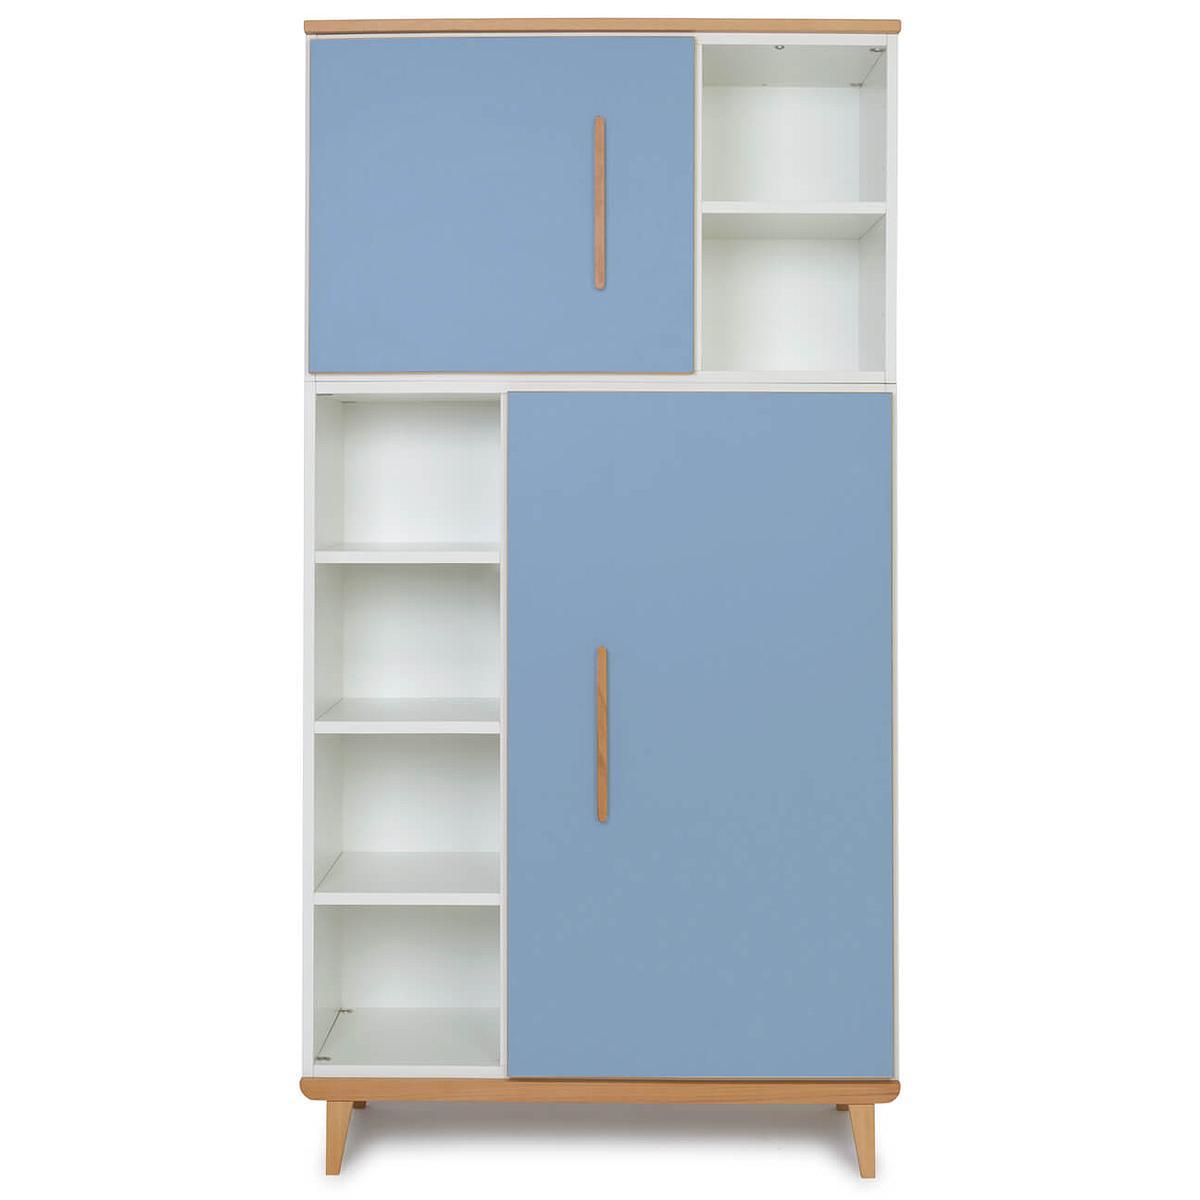 Armoire 173cm 2 portes NADO capri blue